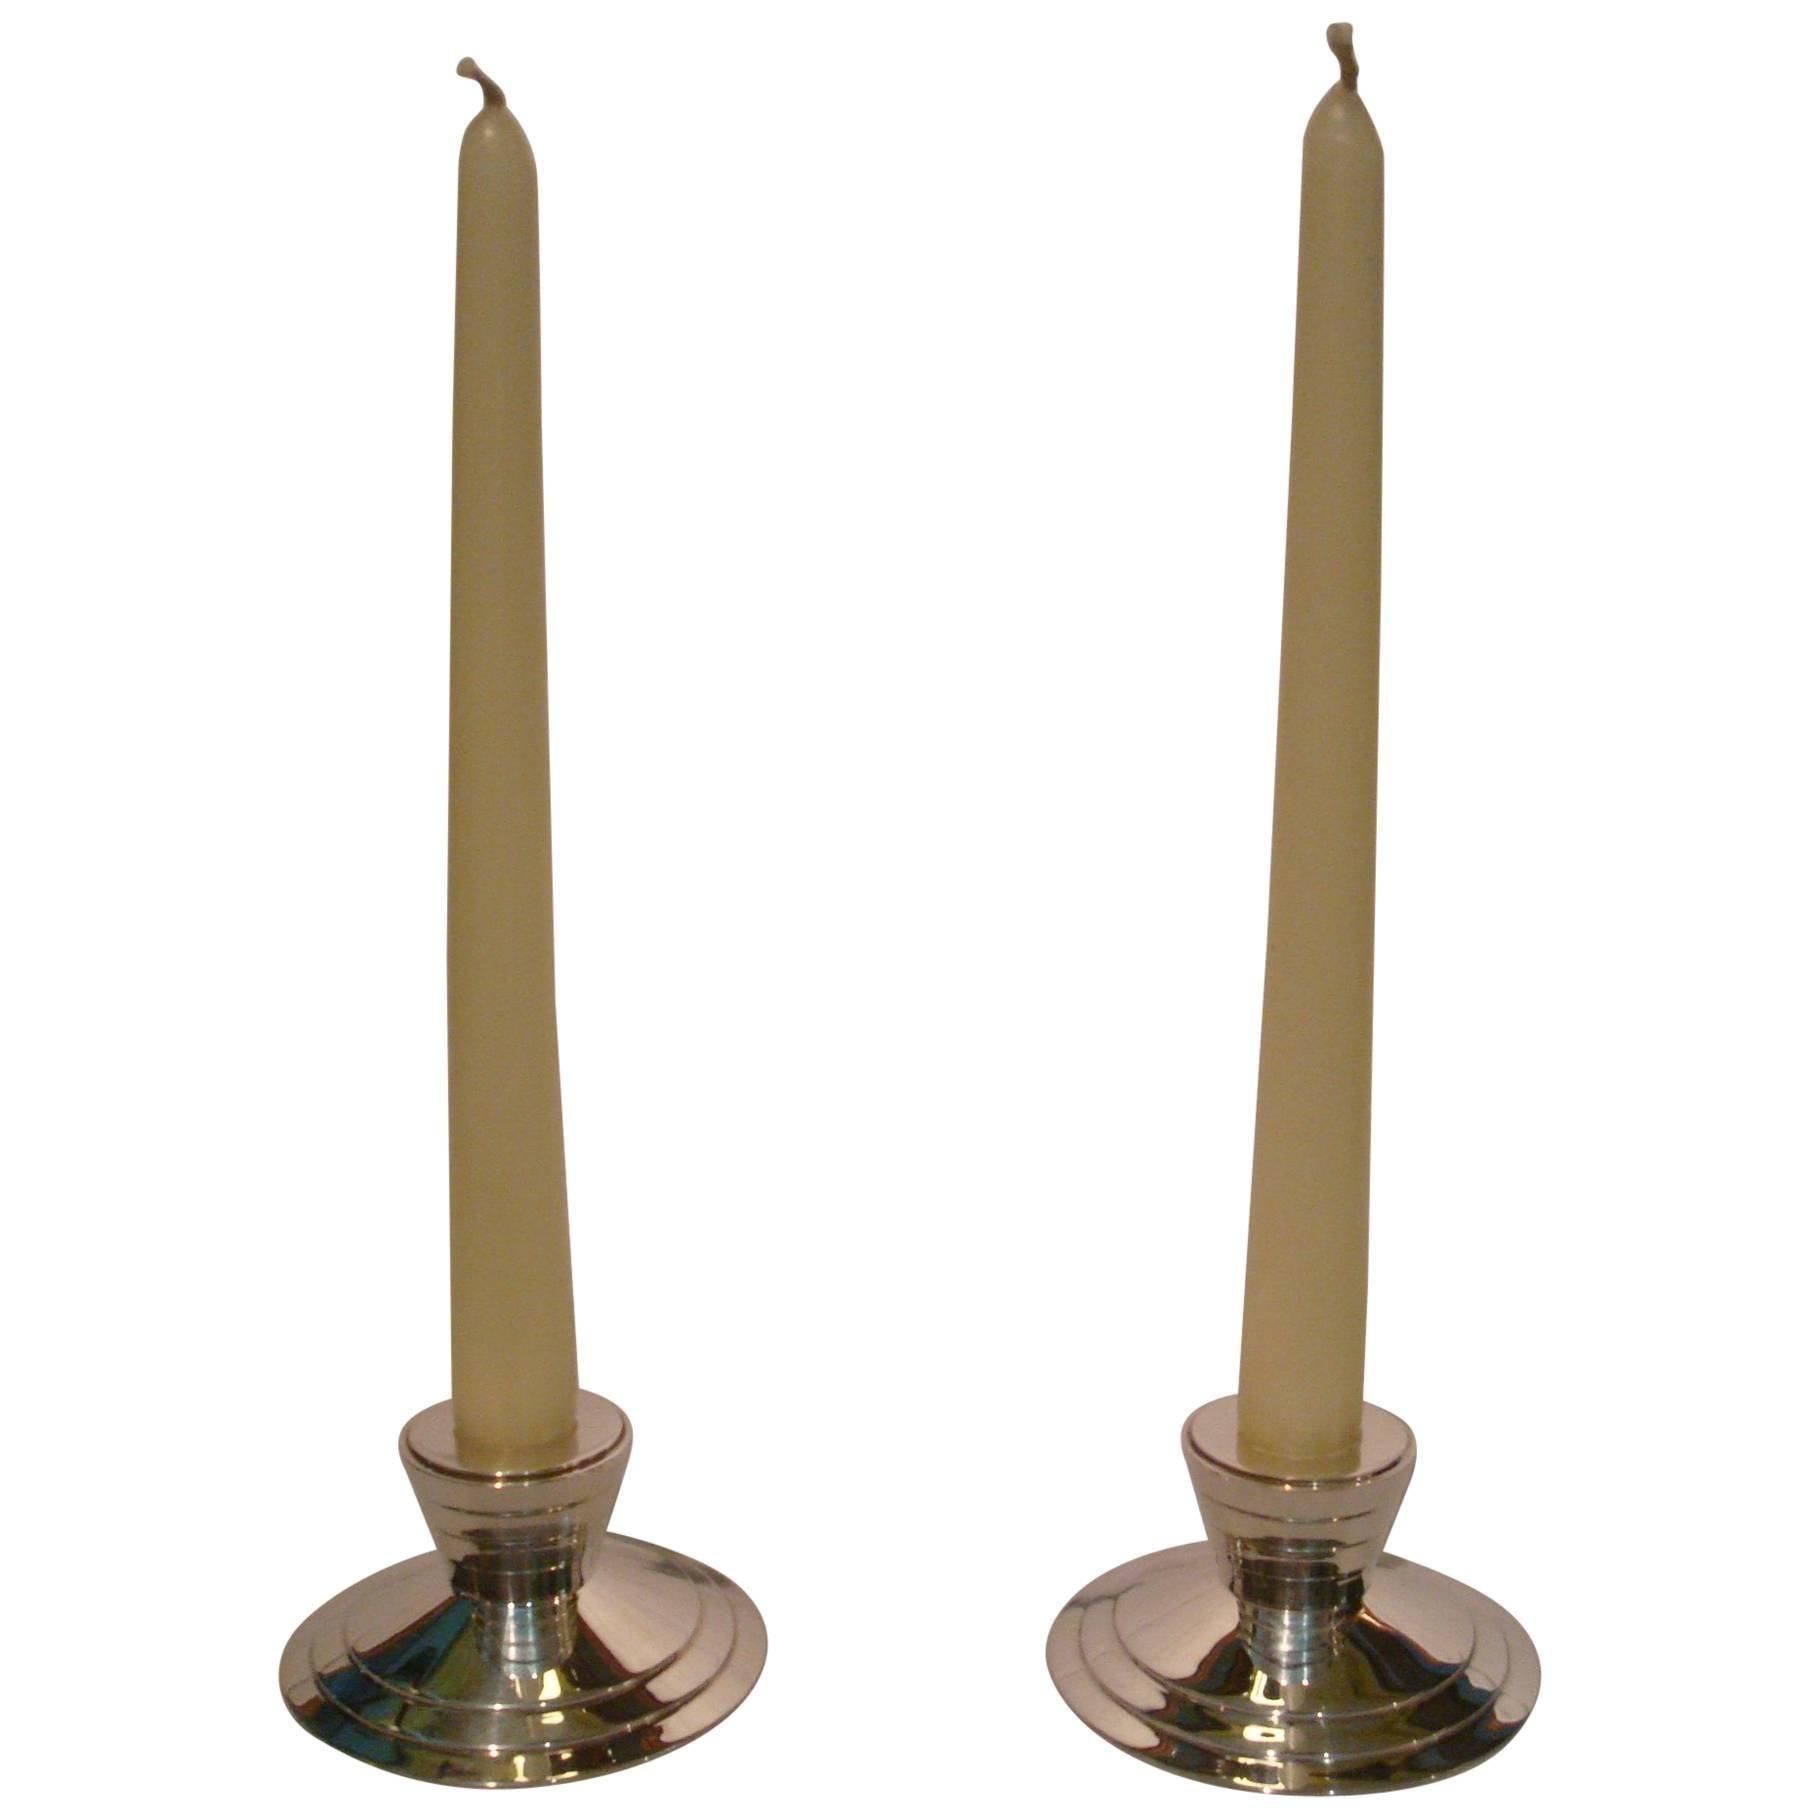 Christofle Art Deco Design Candelabra Candle Holder, France, 1980s